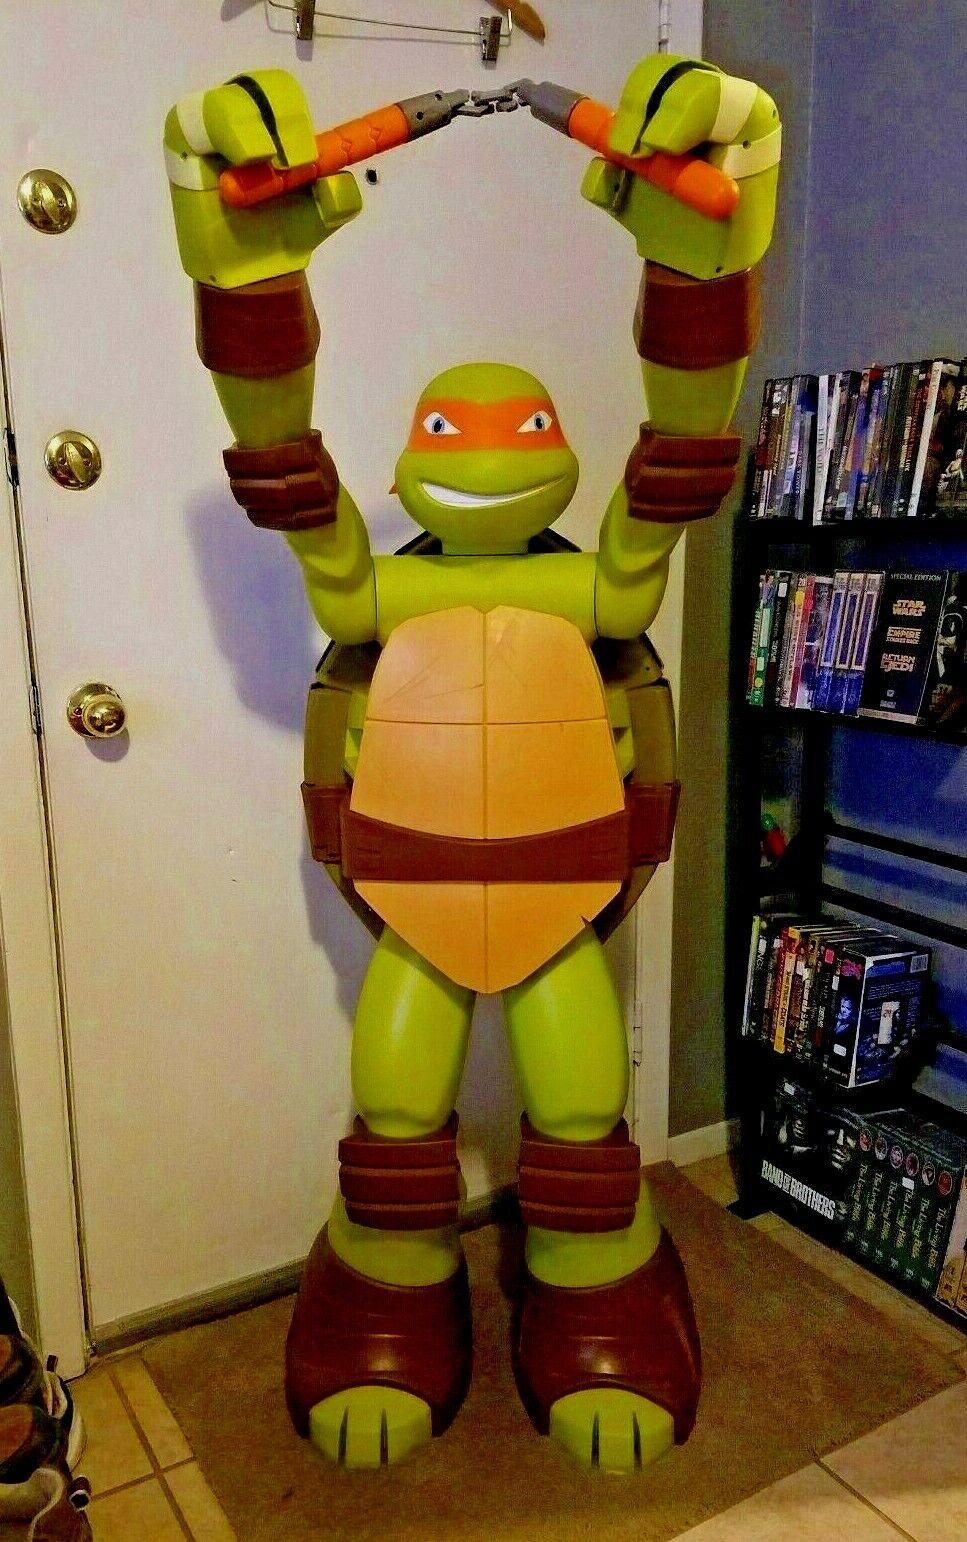 calidad auténtica Vida Tamaño Tamaño Tamaño 4 ft alto Teenage Mutant Ninja Turtles Statue Man Cave Miguel Ángel  Las ventas en línea ahorran un 70%.